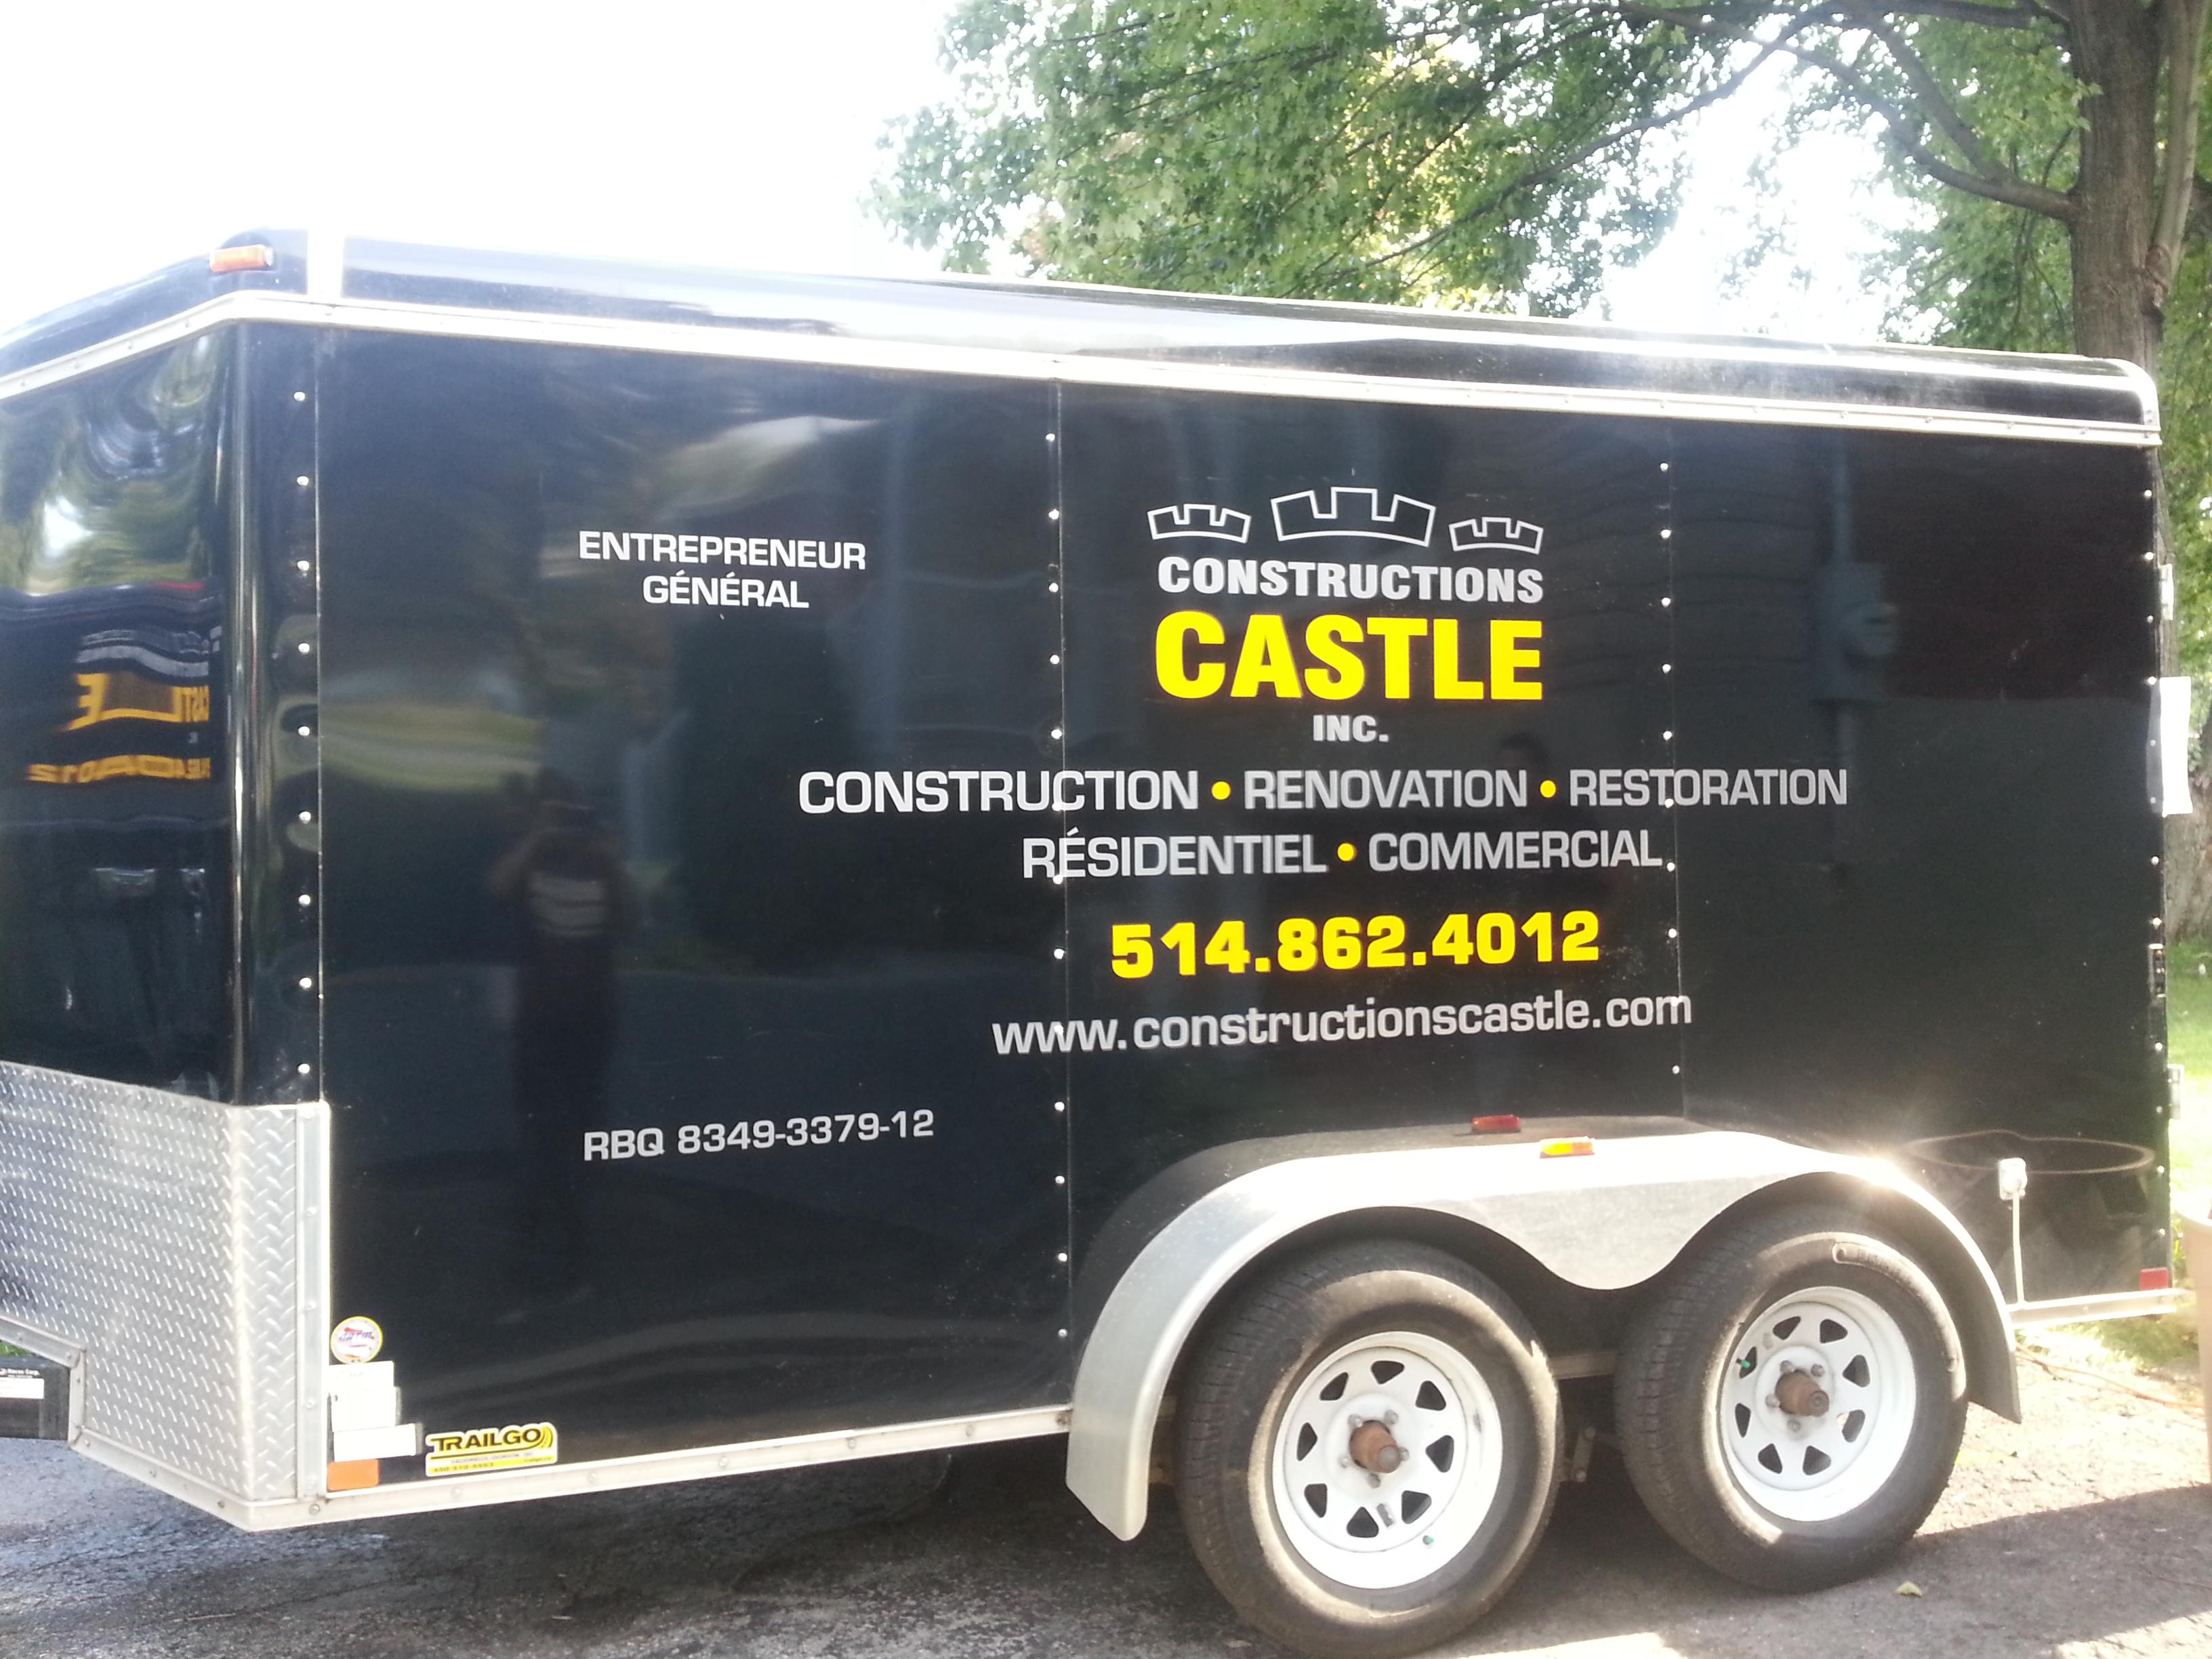 Vehicle Lettering - Castle Construction